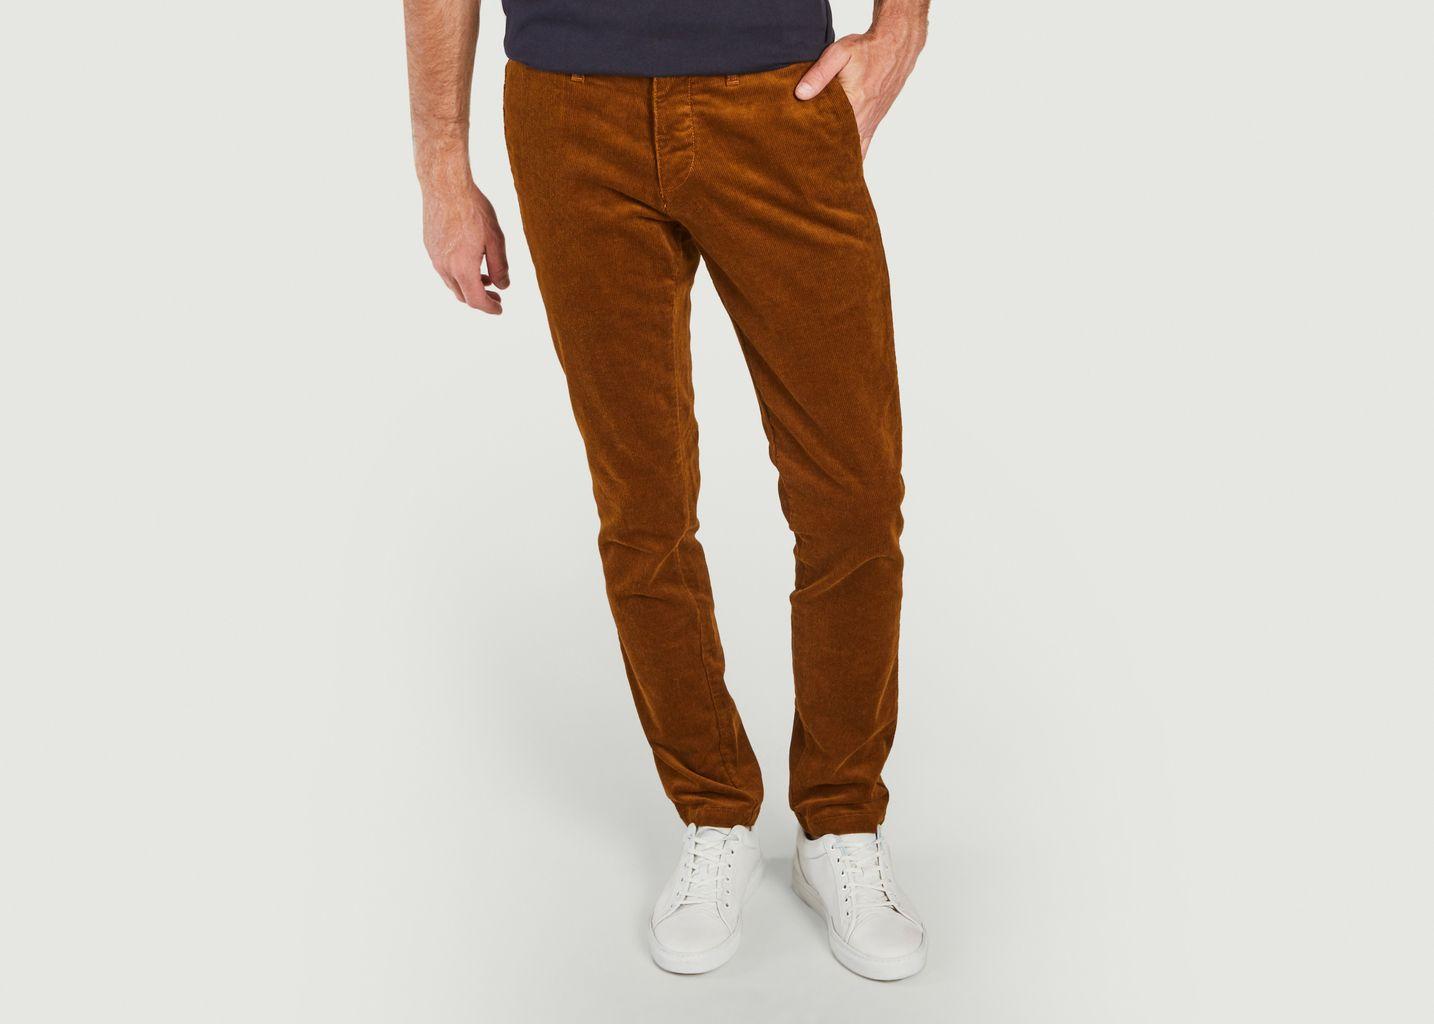 Pantalon Carhartt Sid - Carhartt WIP